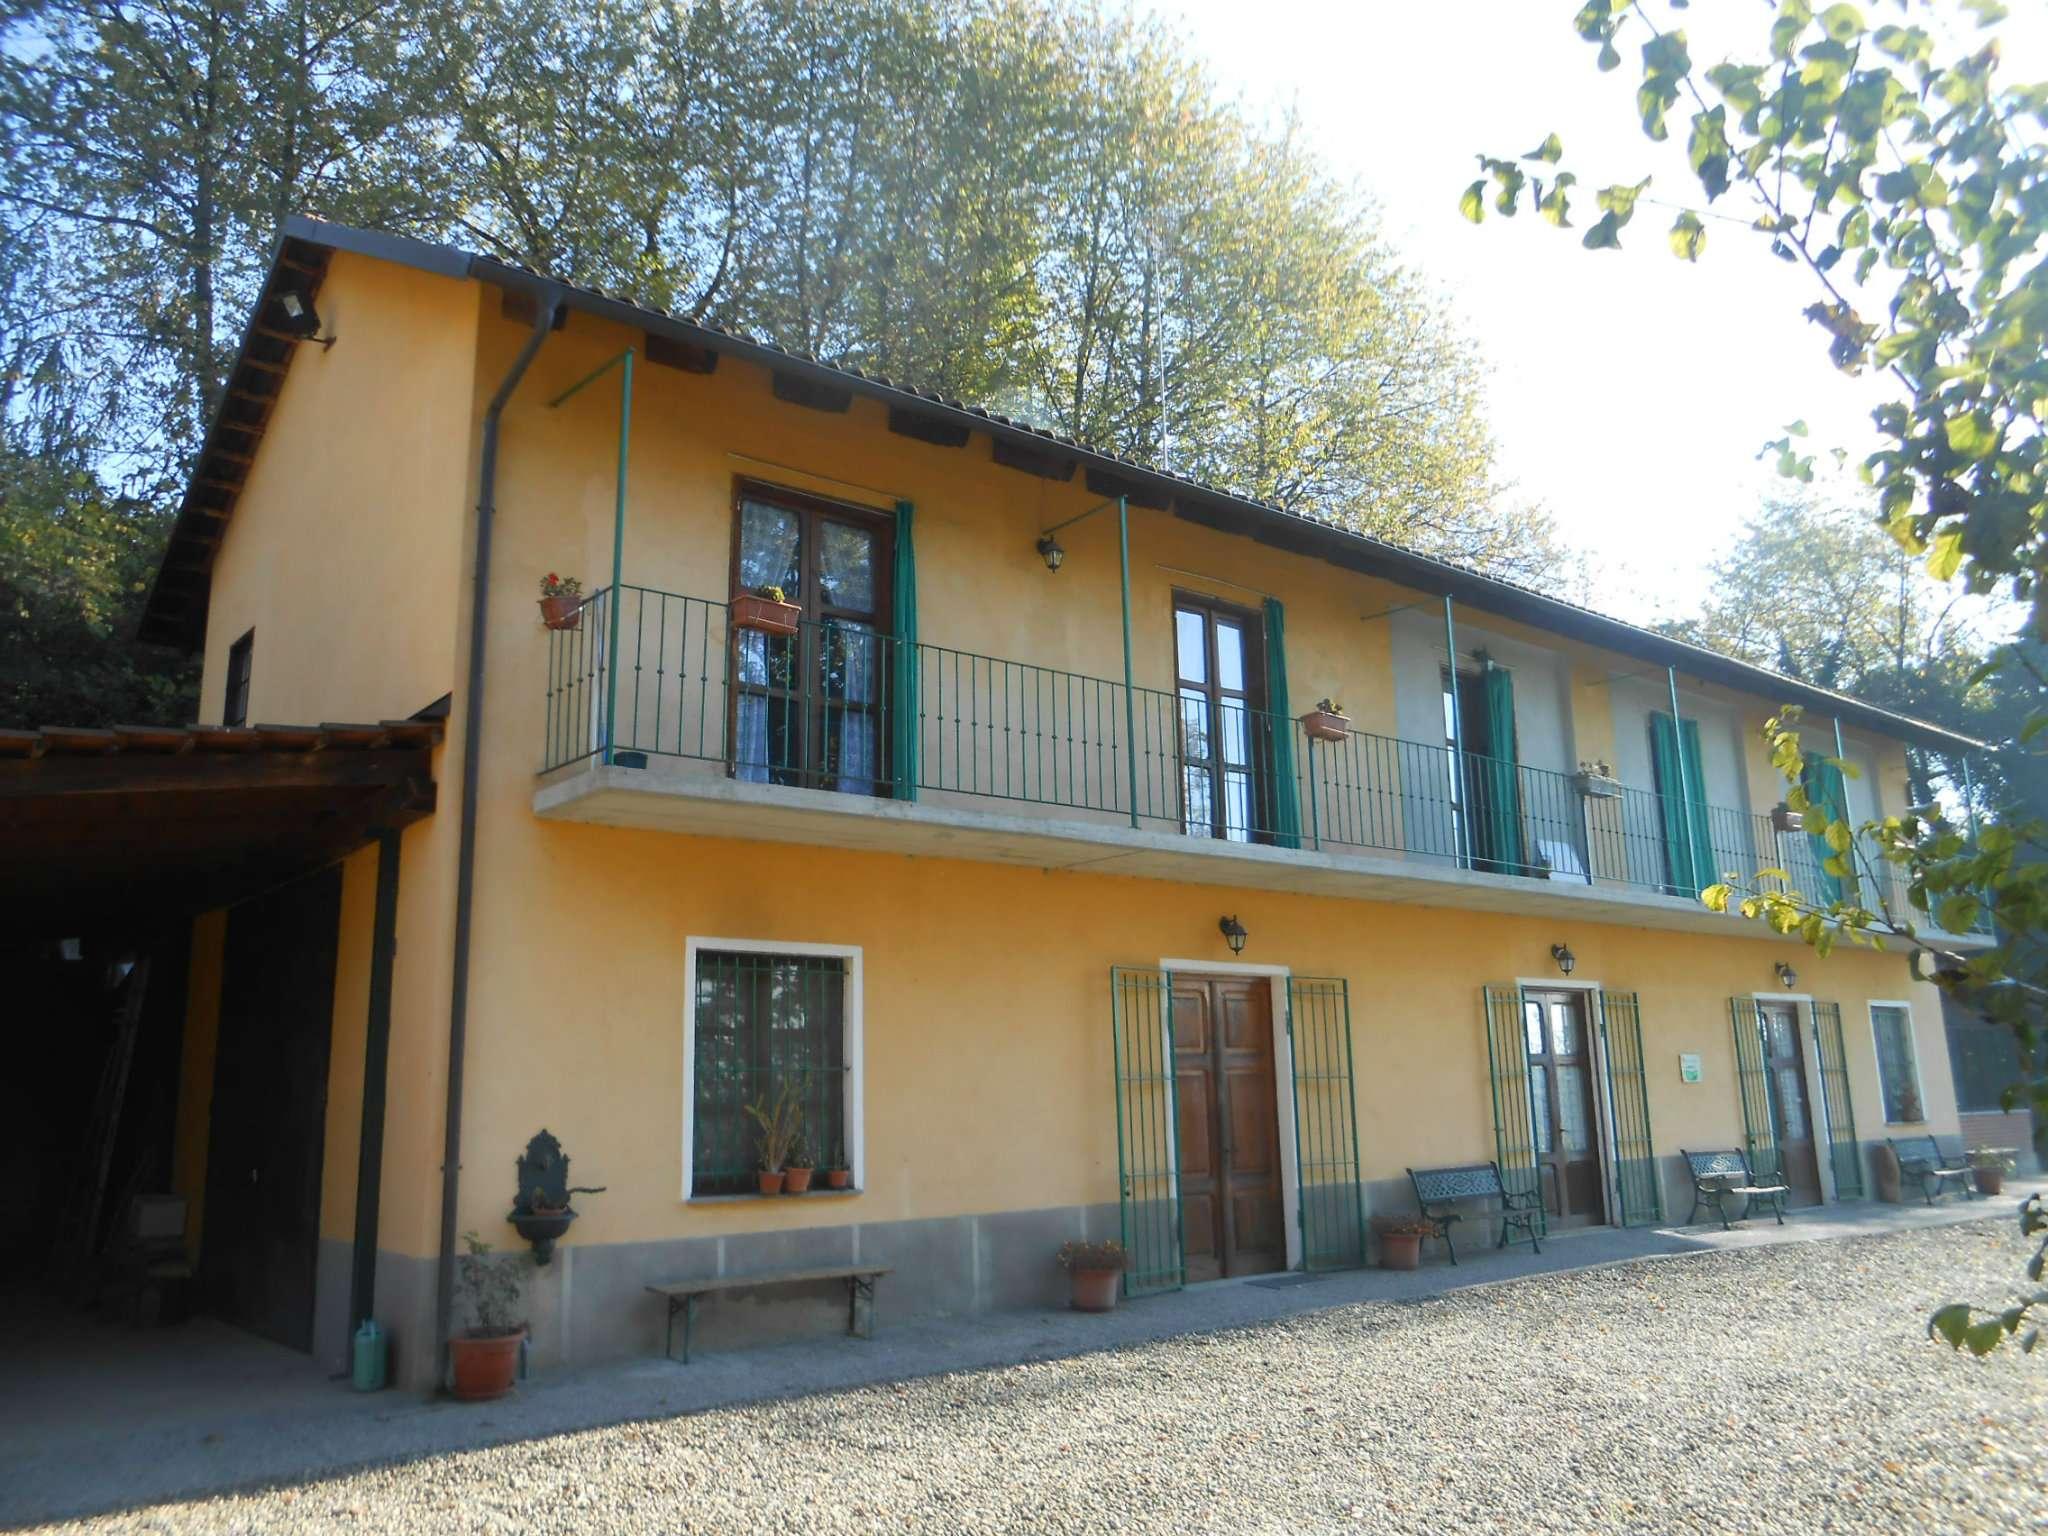 Rustico / Casale in vendita a Soglio, 8 locali, prezzo € 199.000 | Cambio Casa.it